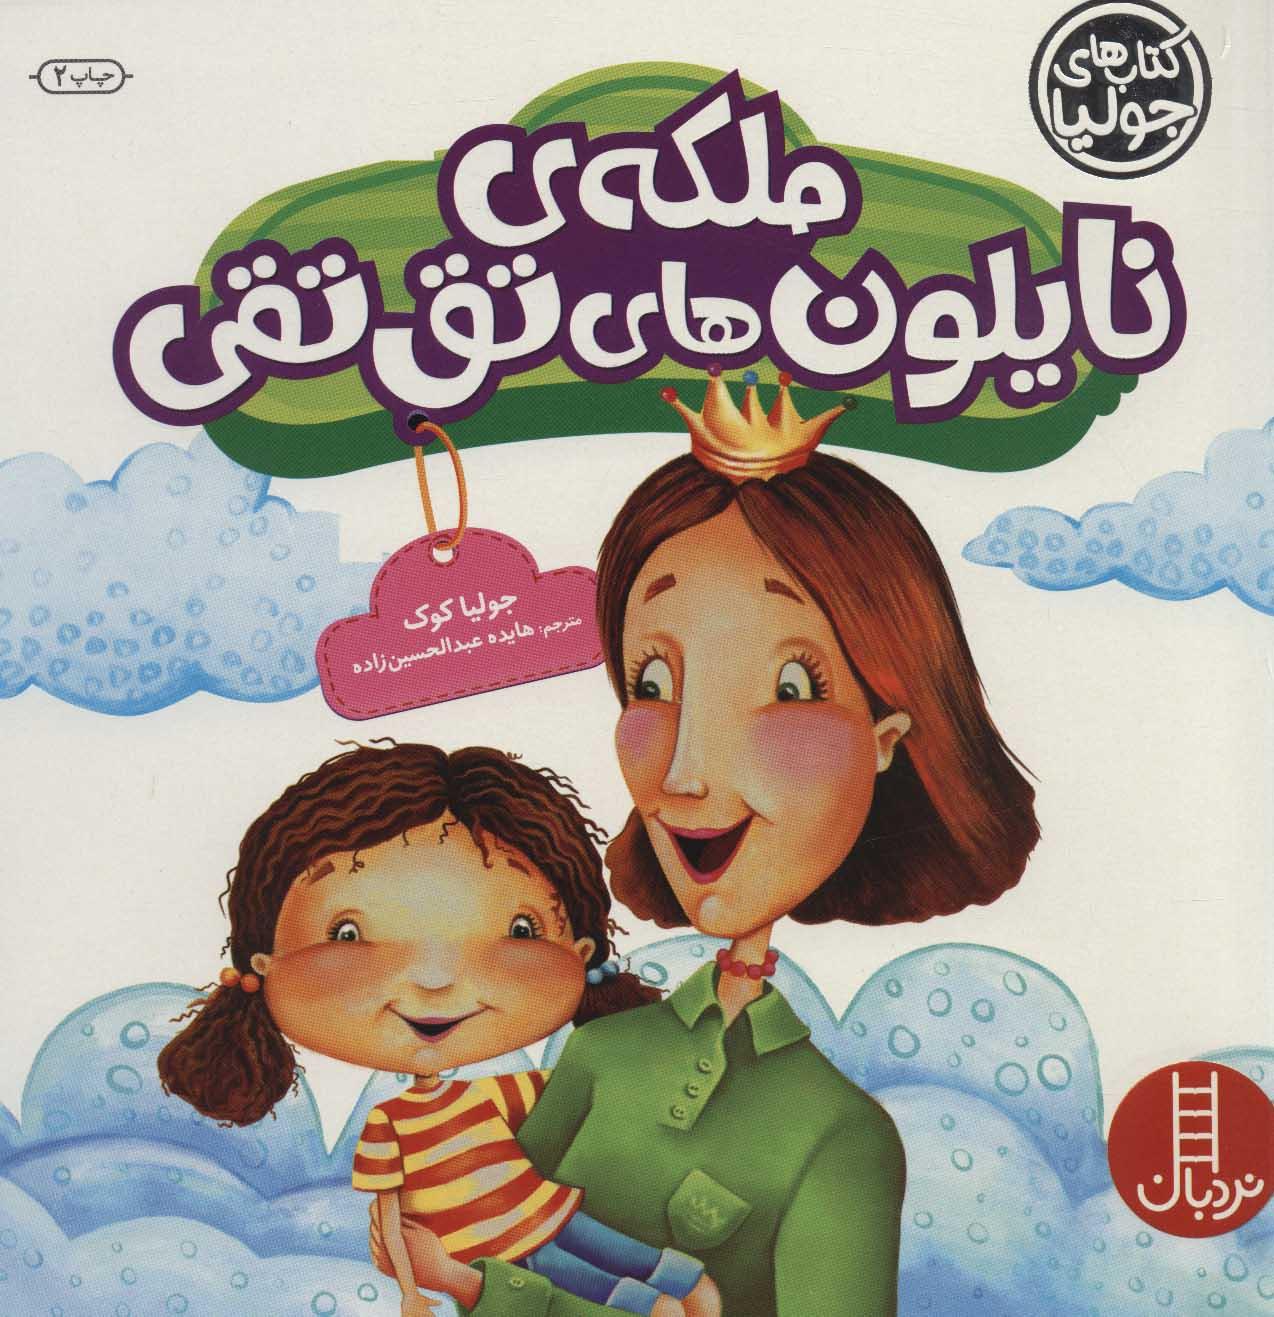 جولیا30 (ملکه ی نایلون های تق تقی)،(گلاسه)